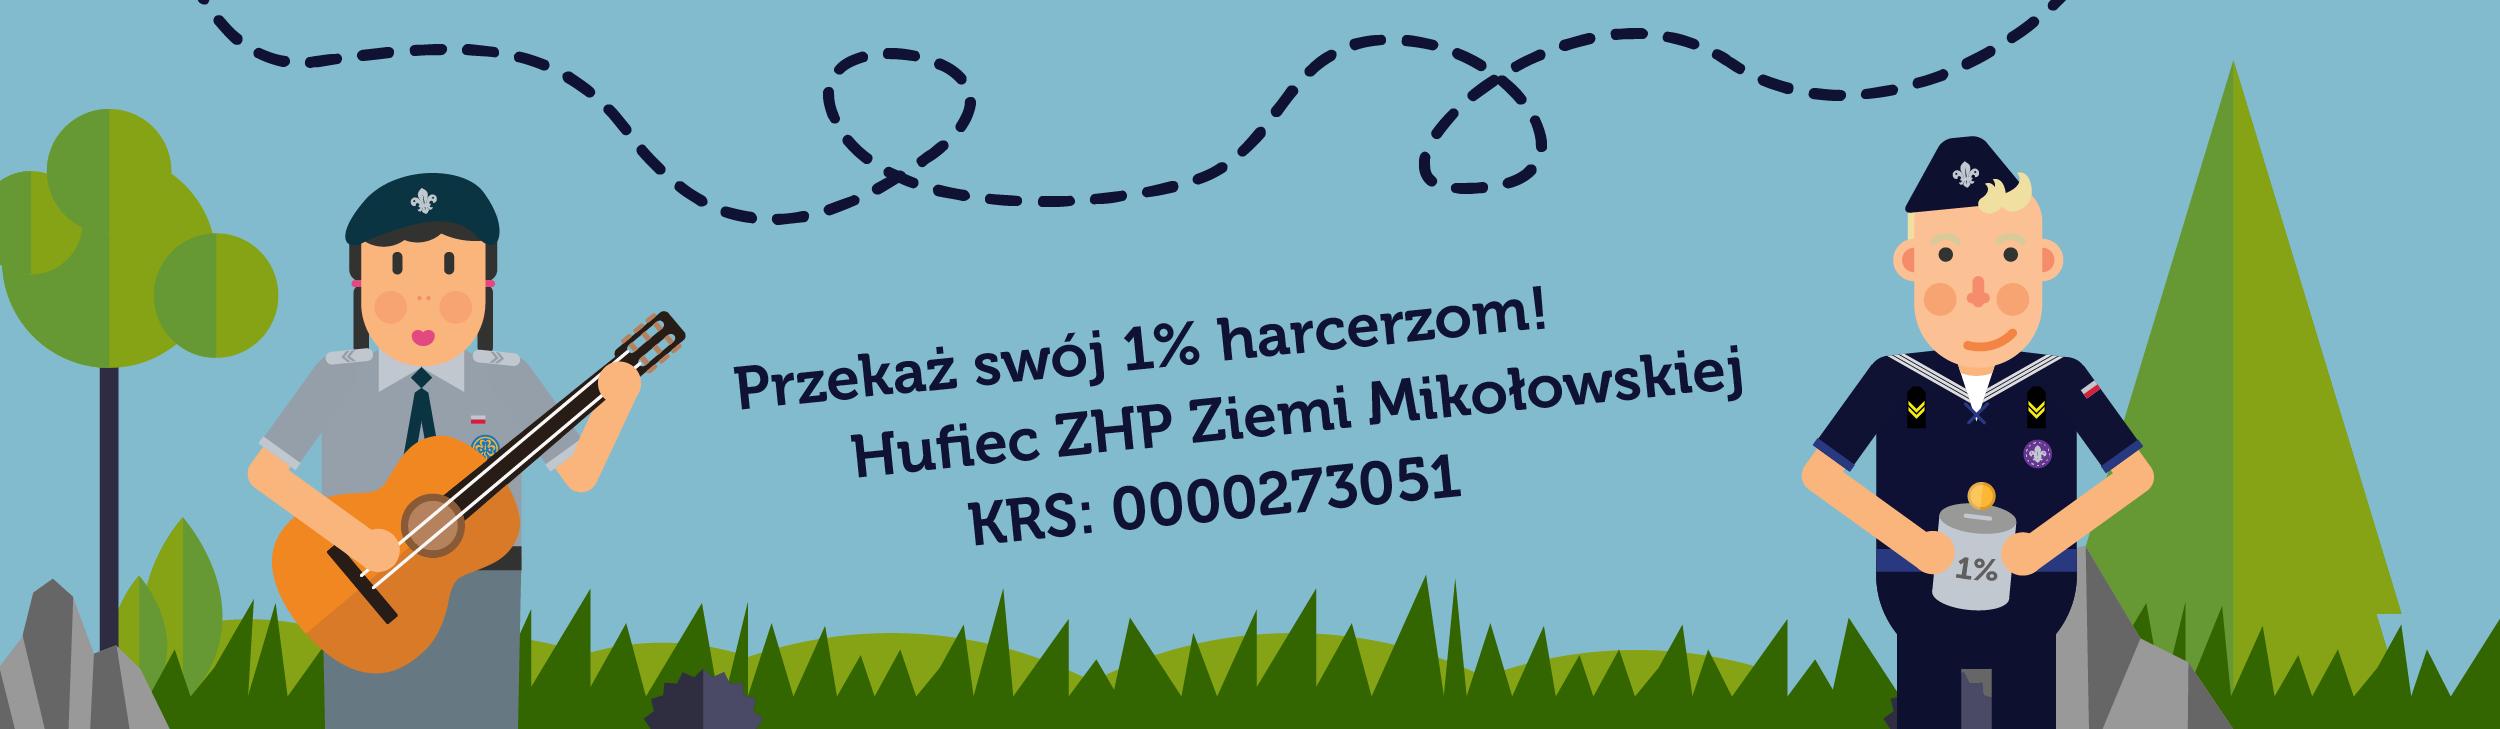 Hufiec Ziemi Mikołowskiej